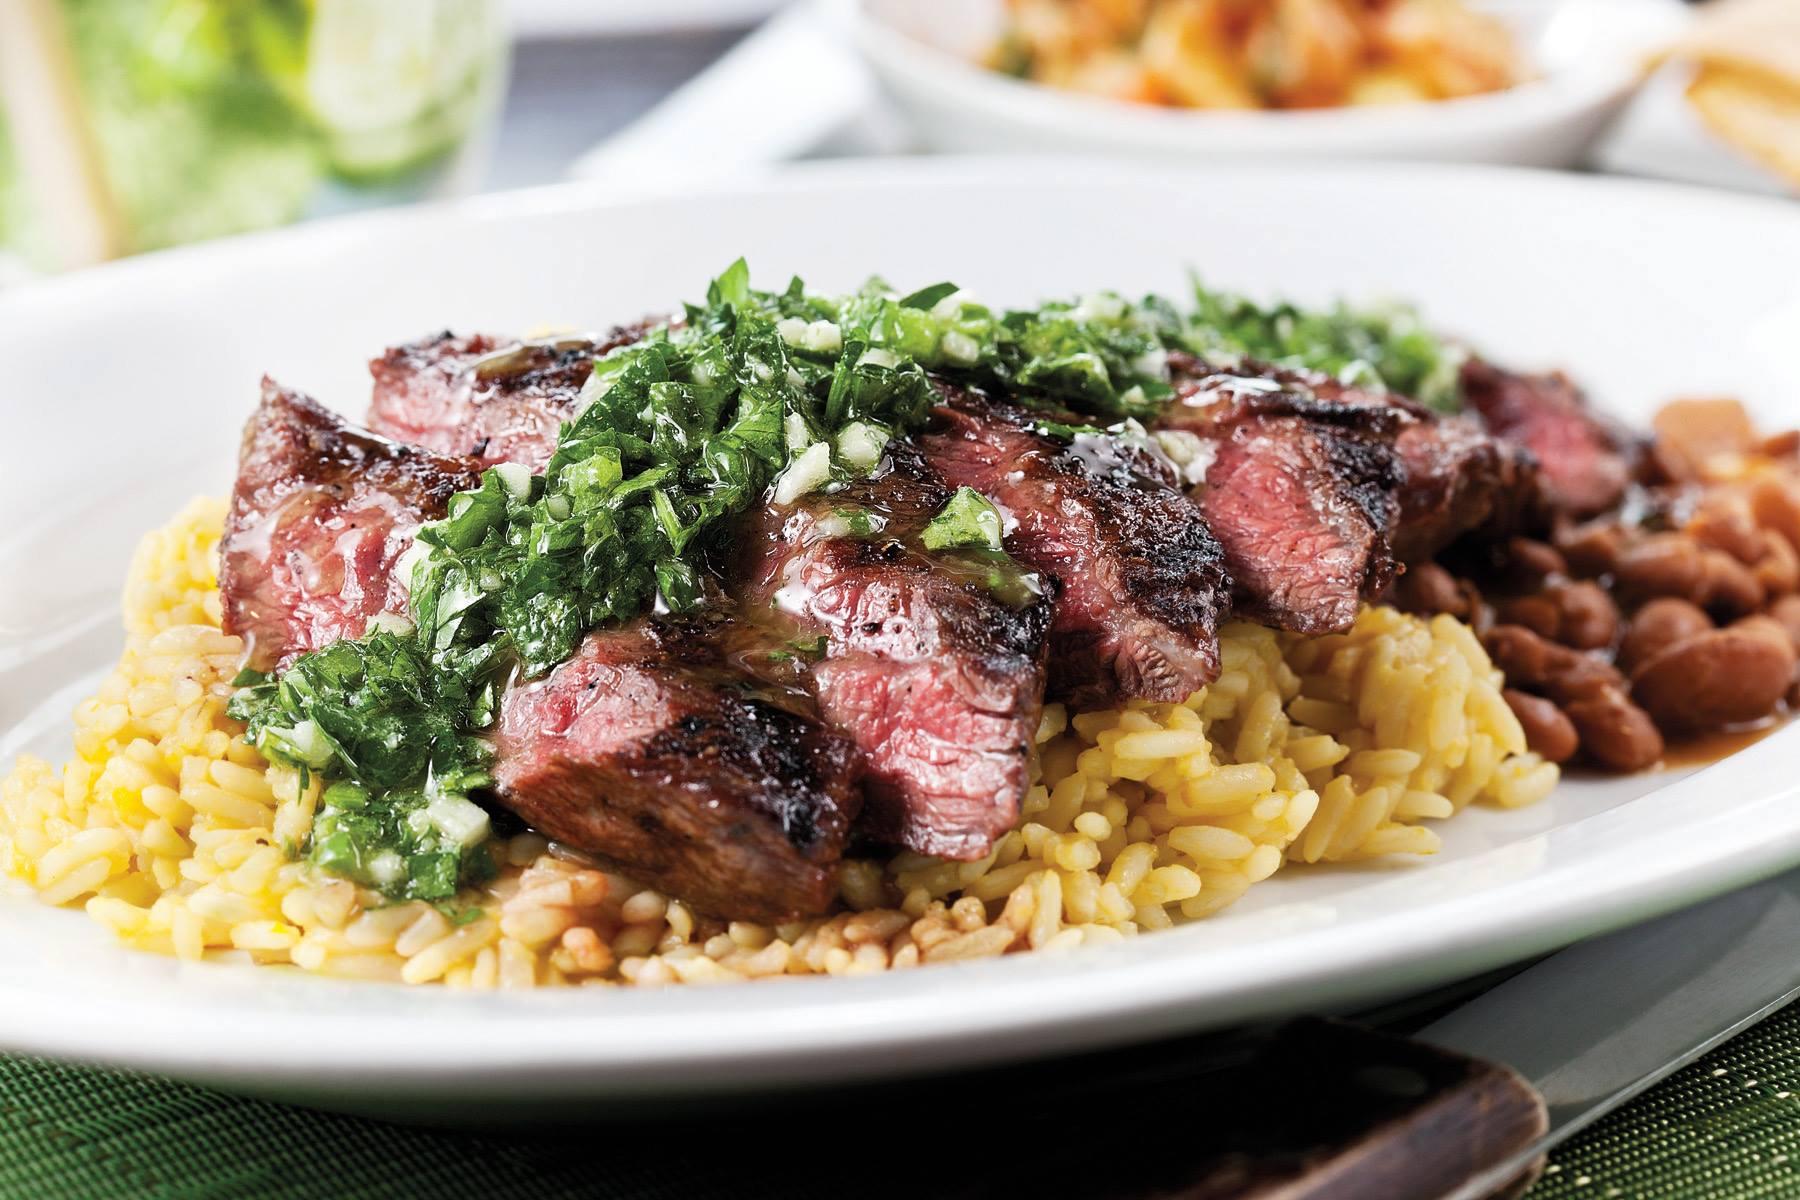 skirt-steak-churrasco